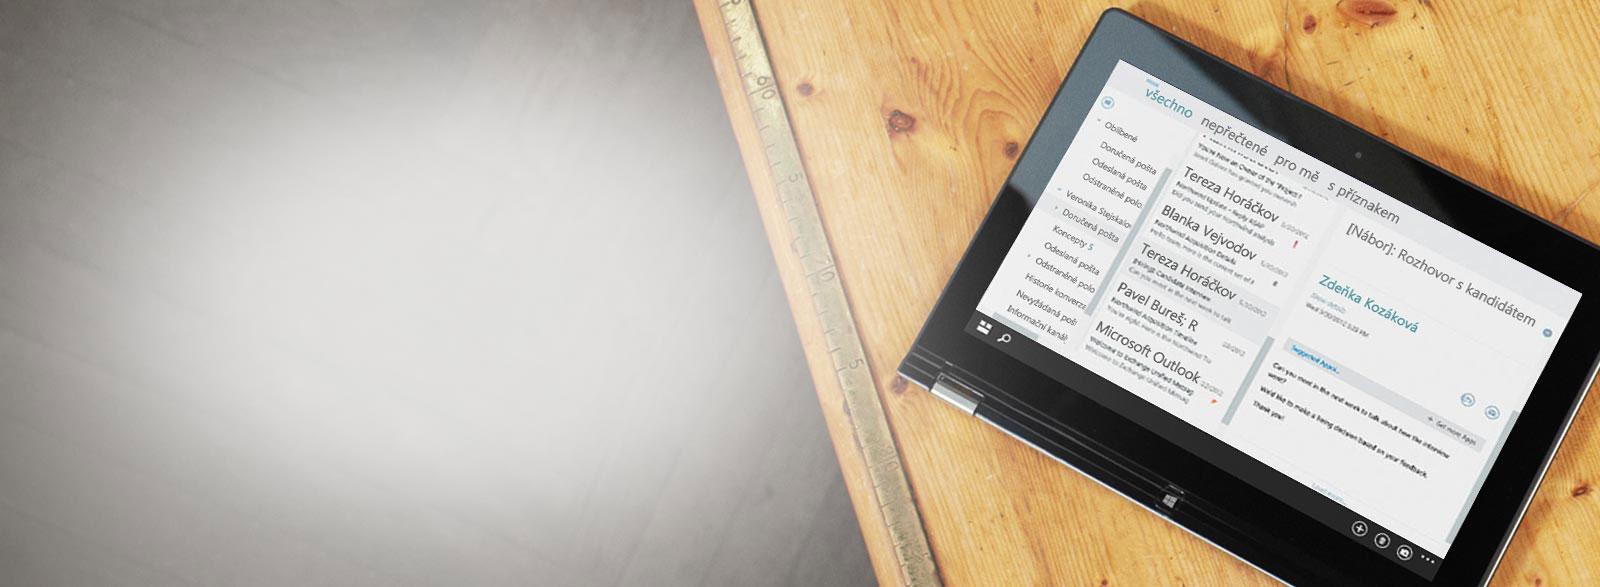 Tablet ležící na stole se zobrazeným detailem složky doručené pošty firemního e-mailu založeného na Exchange